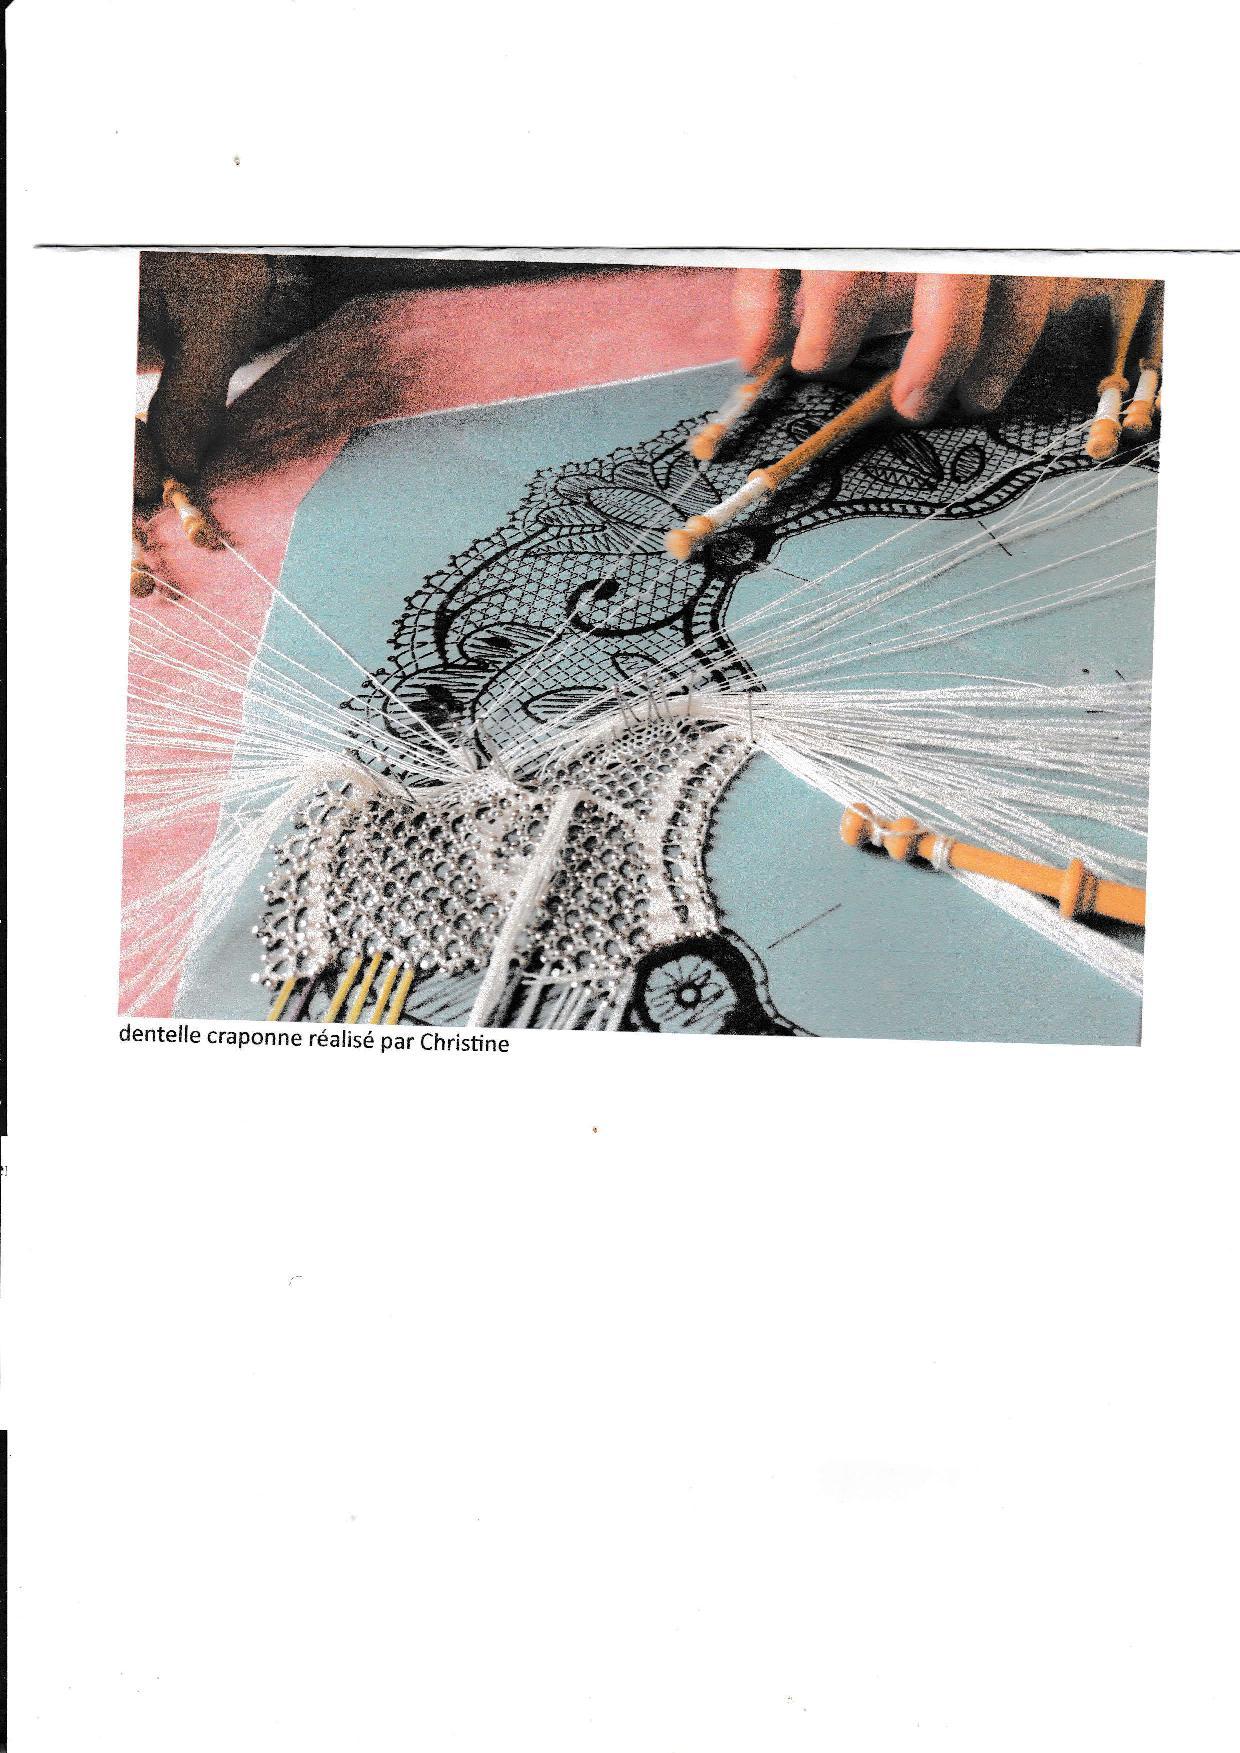 dentelle-craponne-page-001